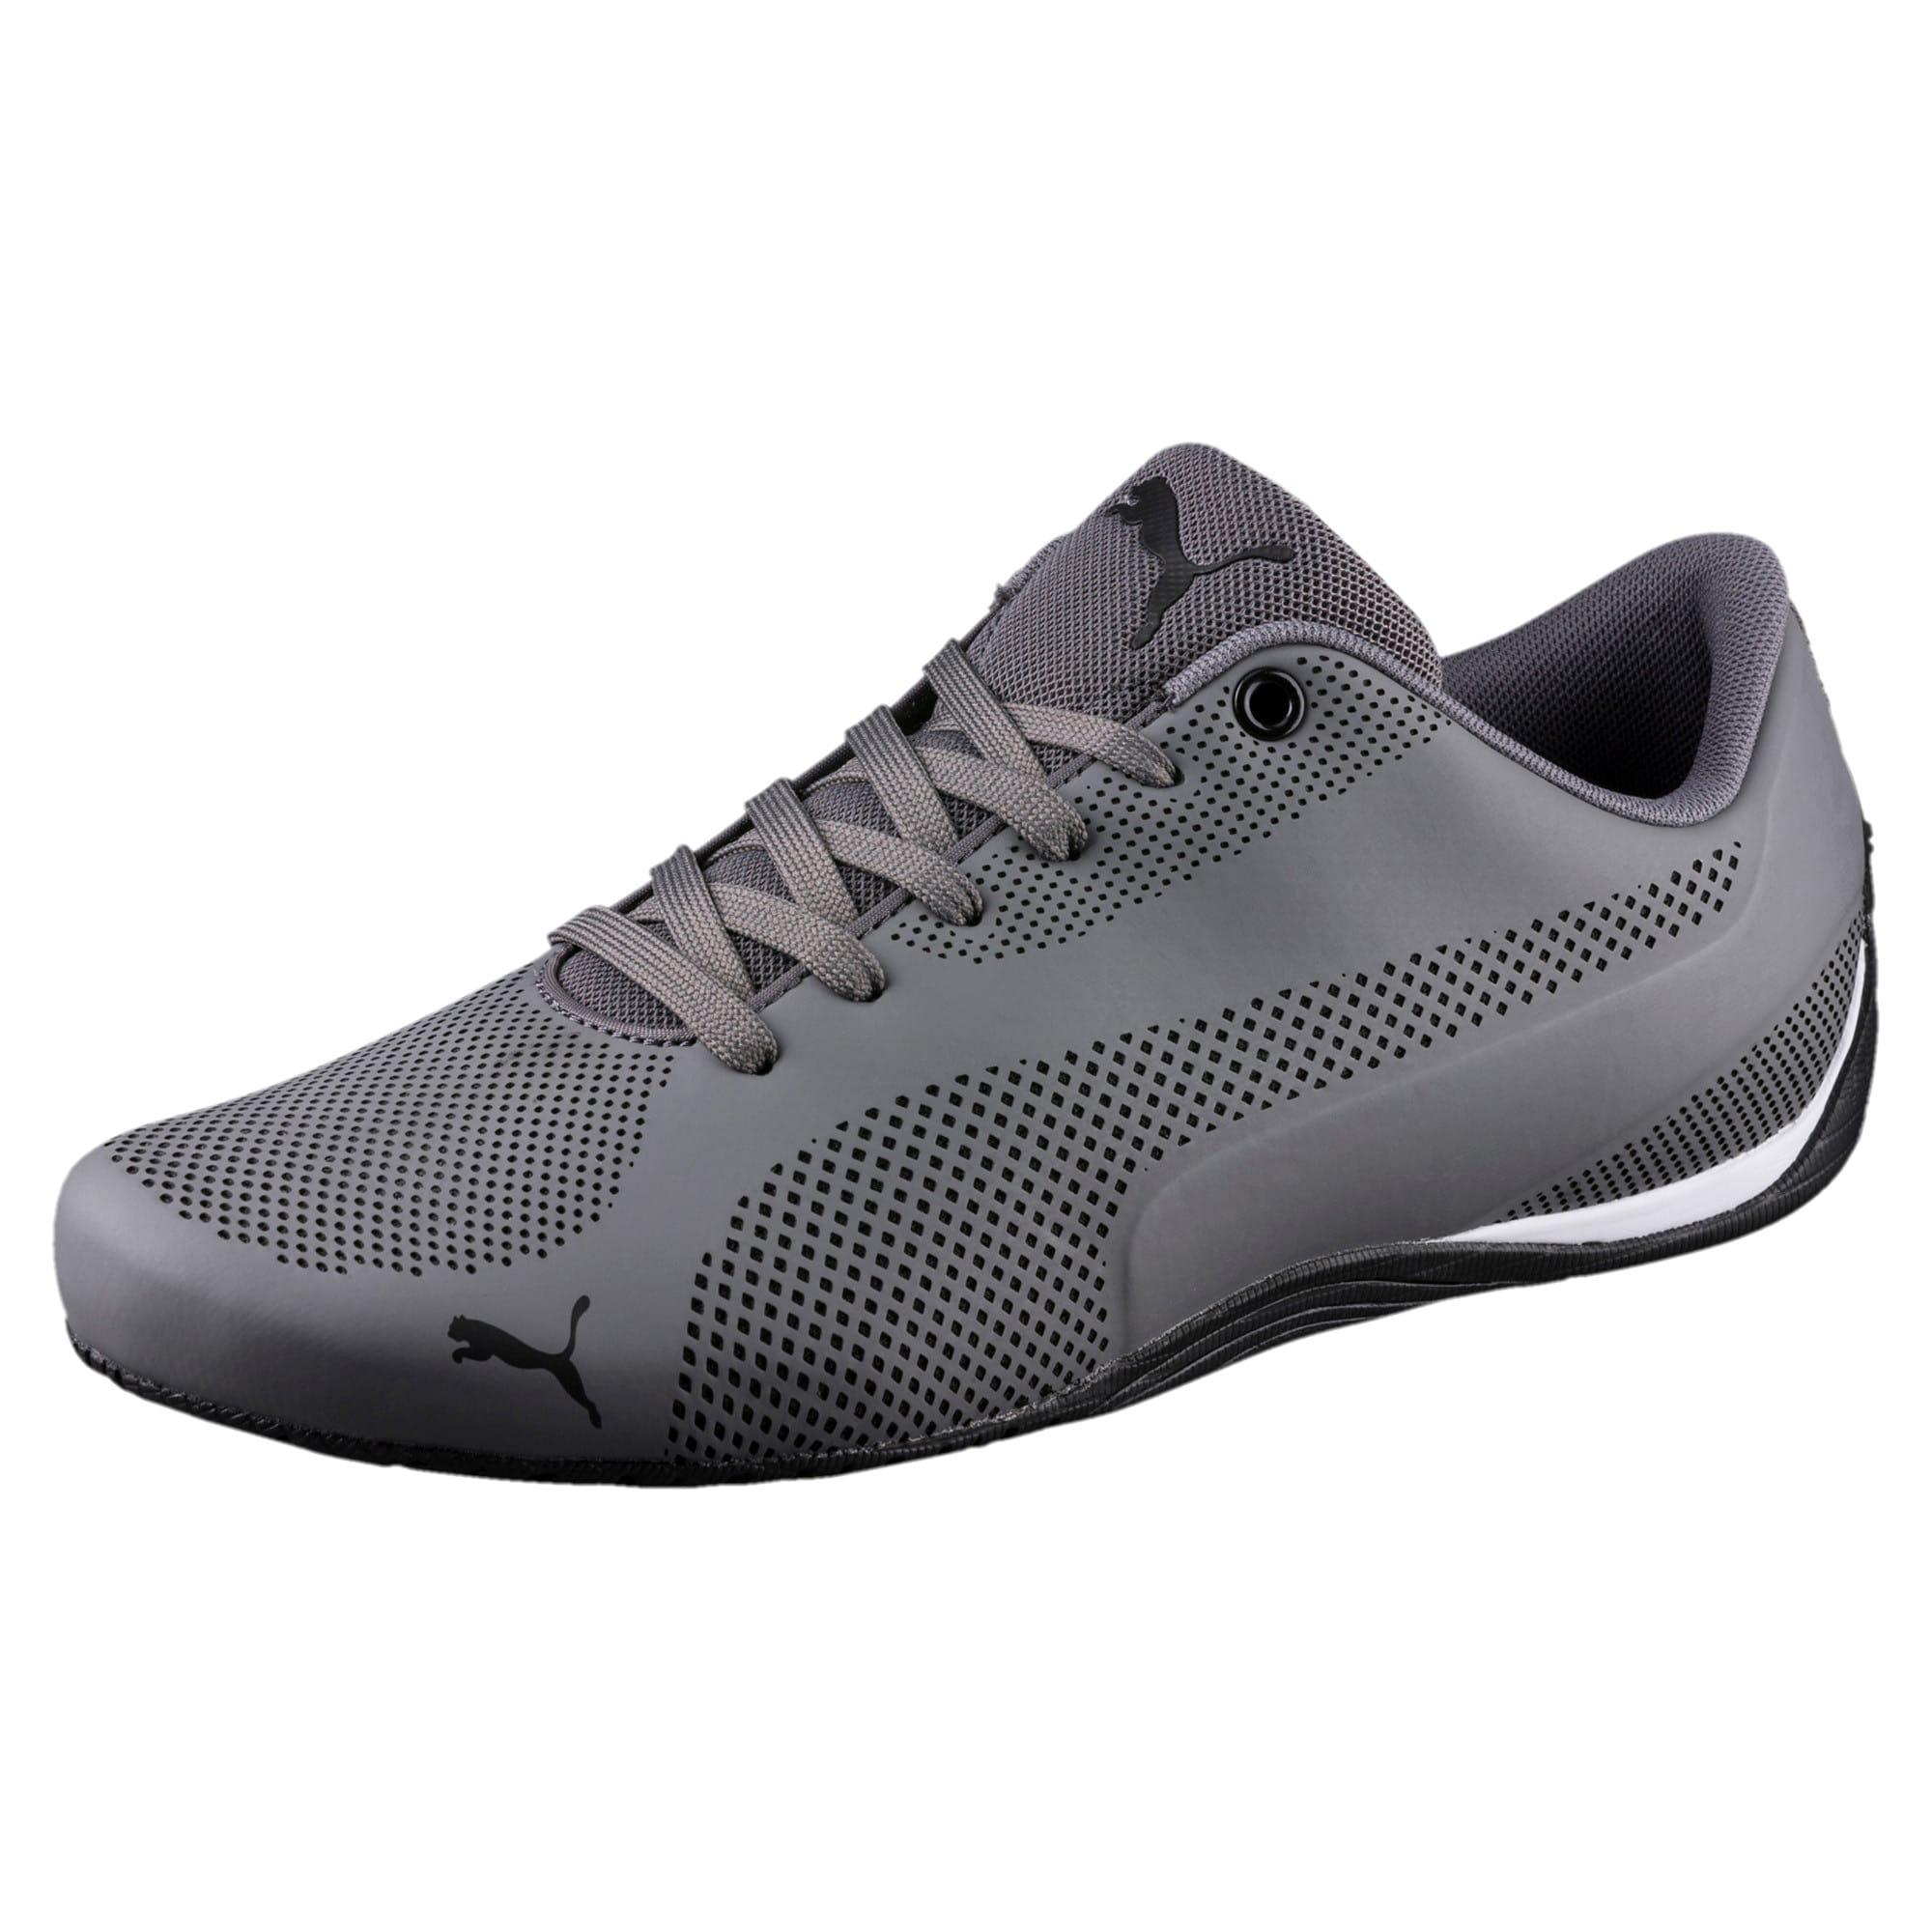 Puma Drift Cat 5 Ultra 362288 01 Mens sneakers